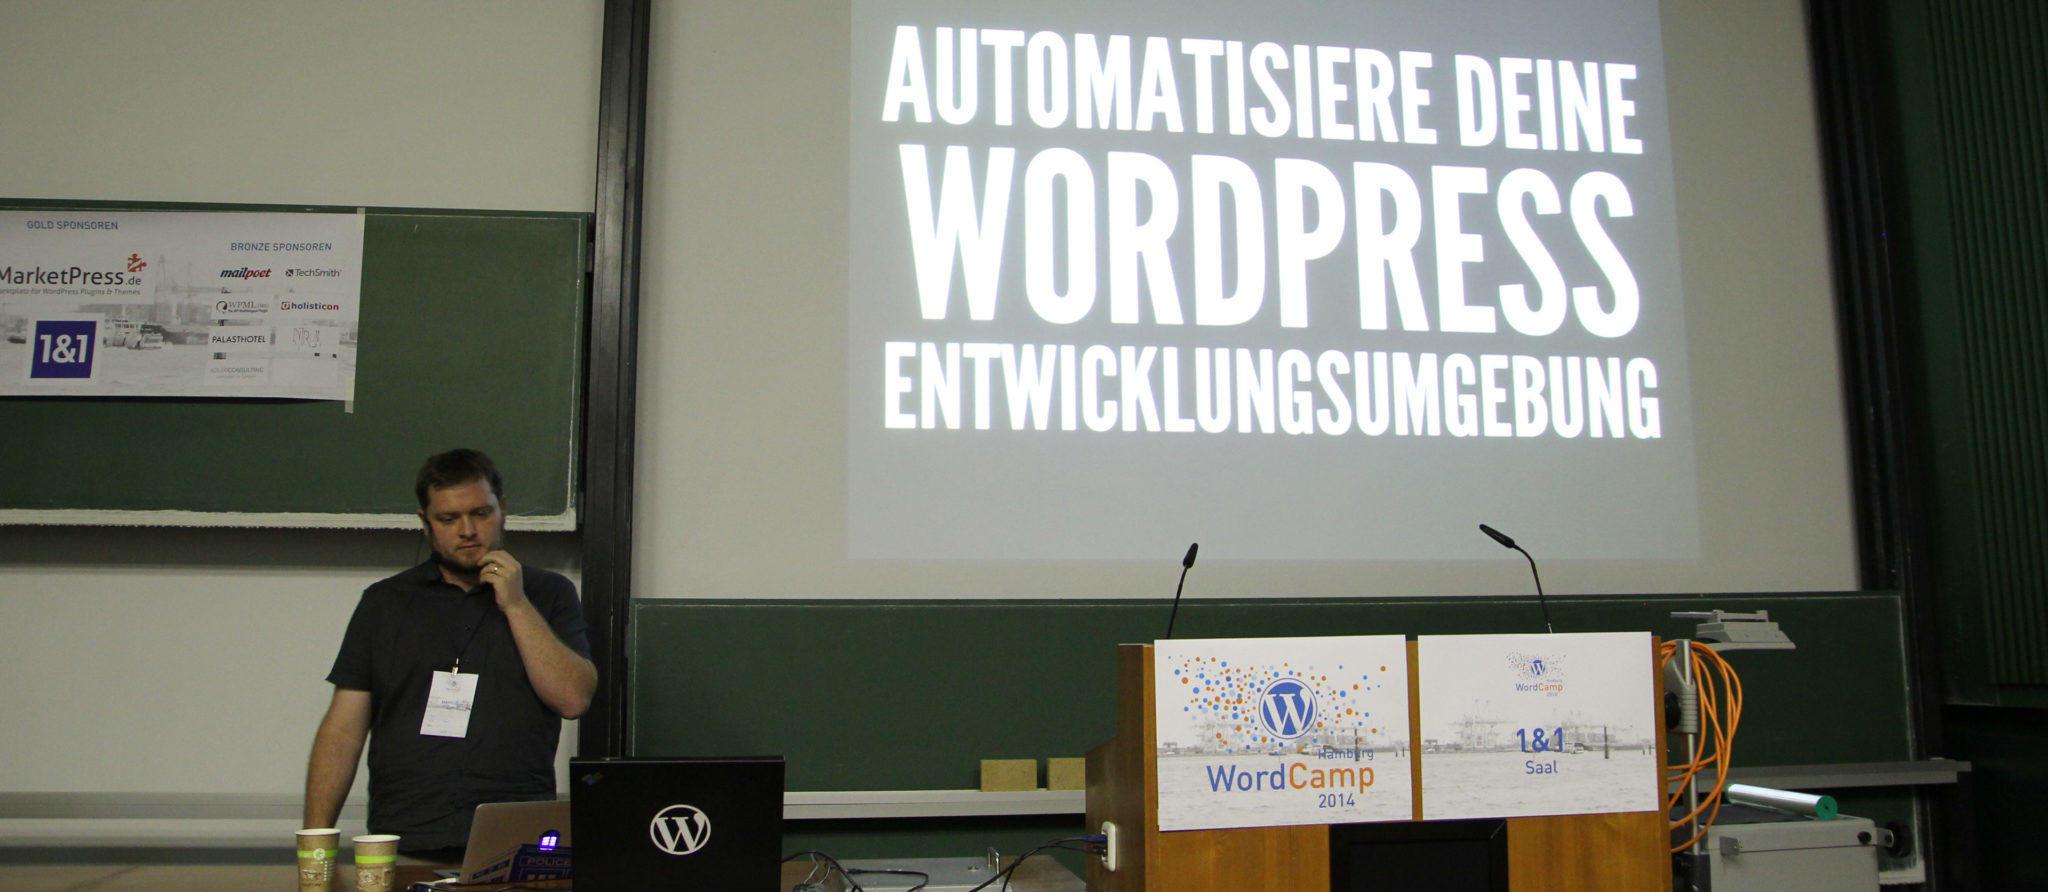 Markus Heurung - Automatisiere deine WordPressumgebung